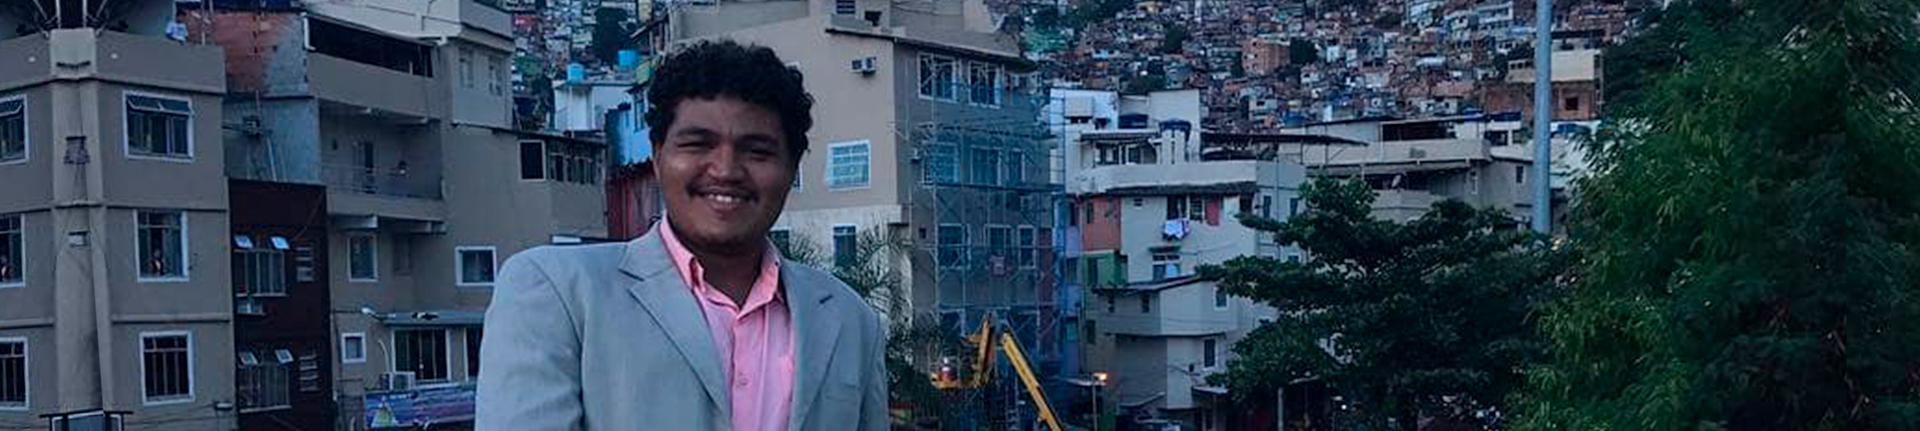 #ORoléÉParaTodos: O Rolé dos Favelados